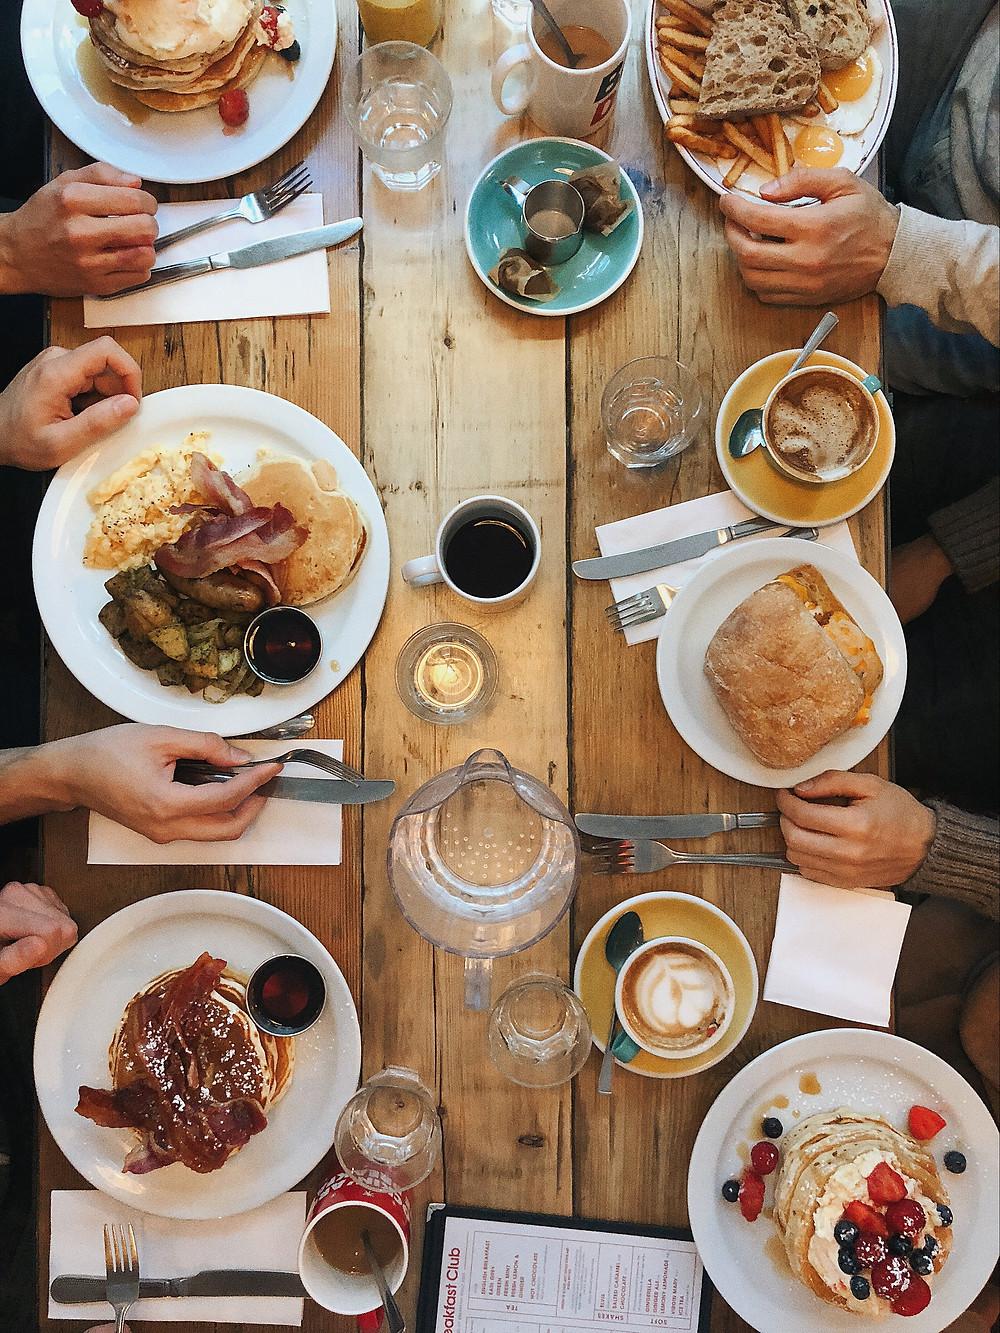 レストラン, マンツーマンレッスン, How to politely order food in a restaurant